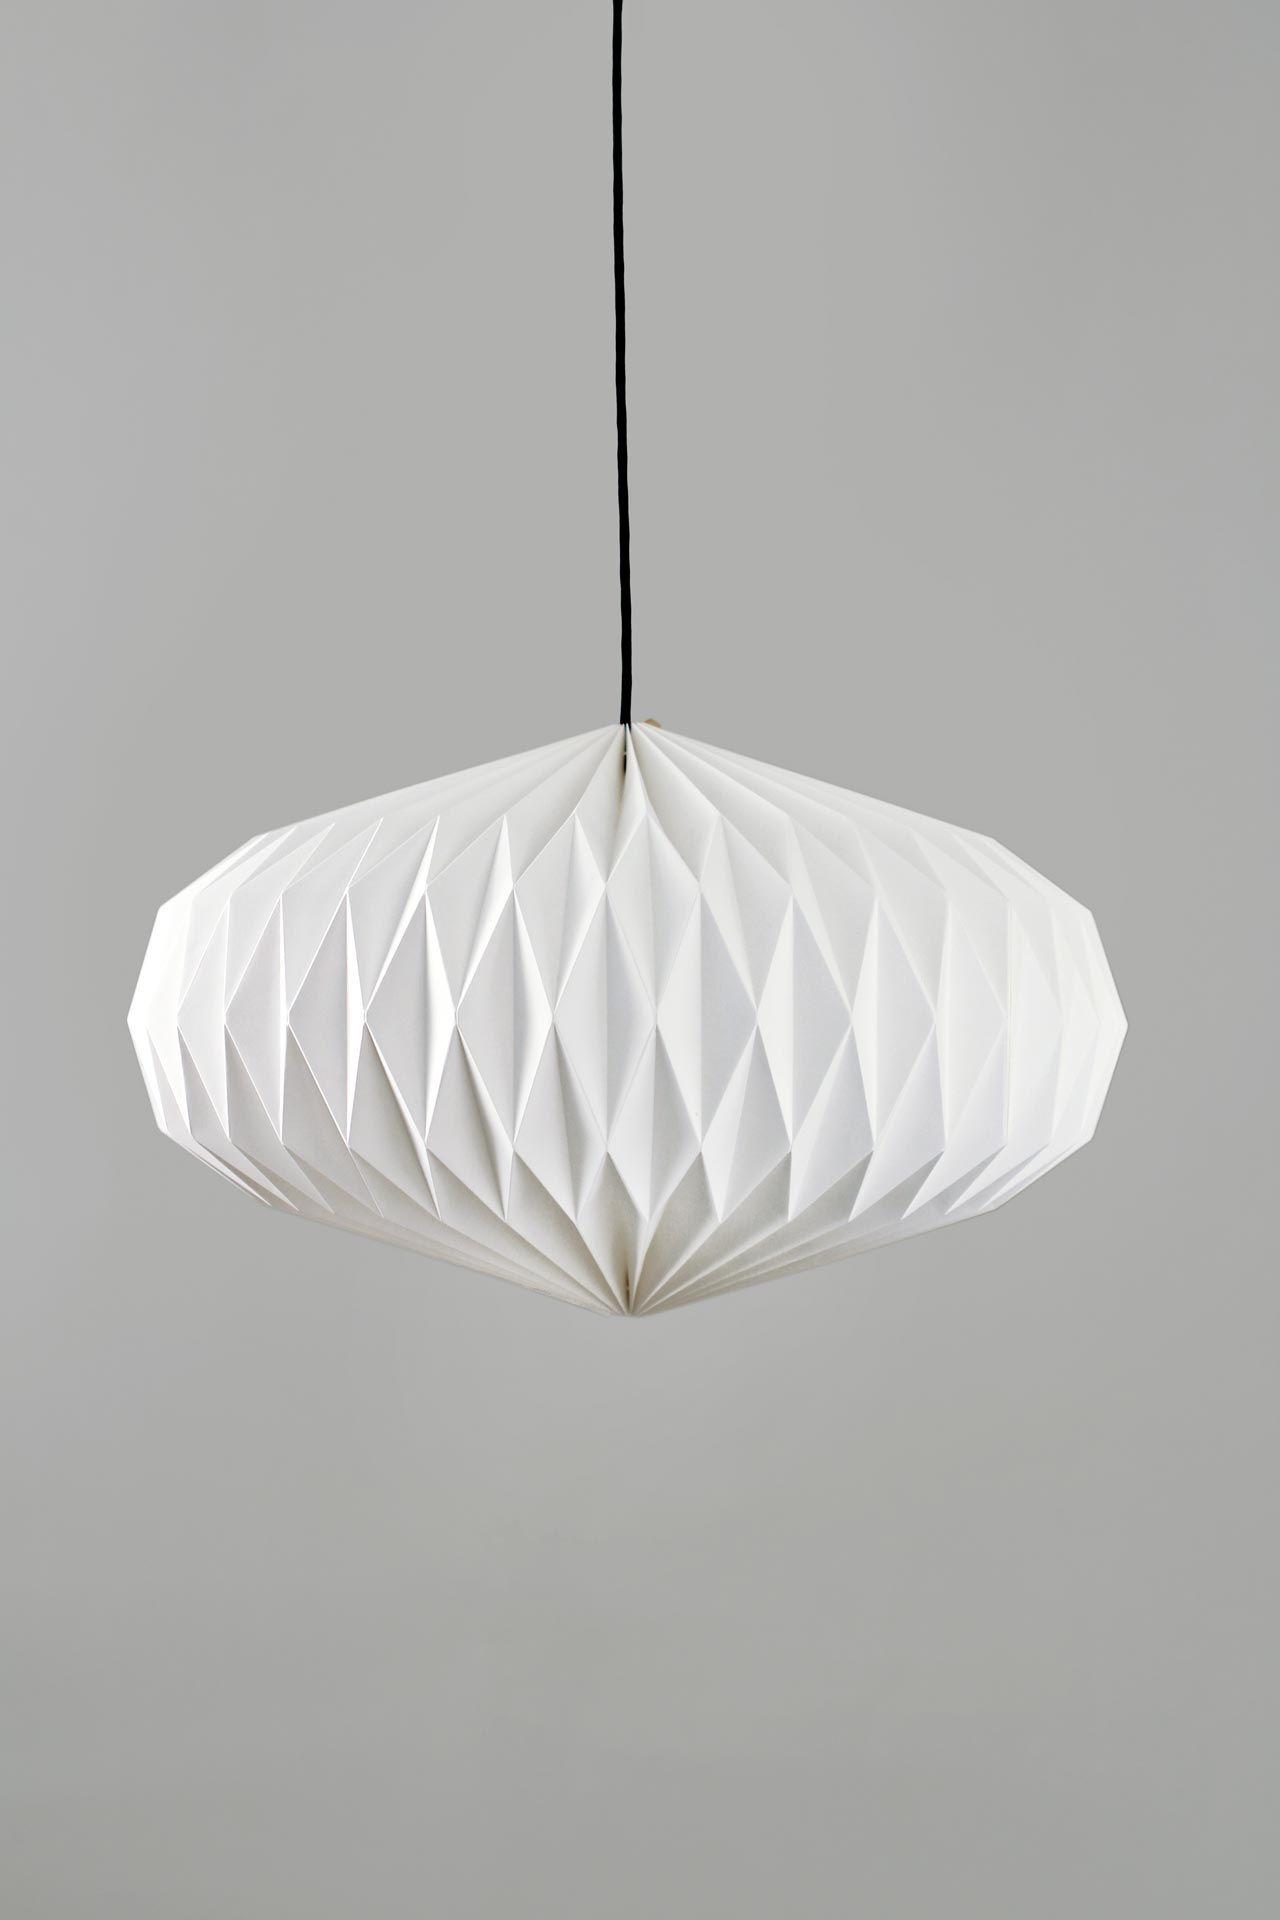 handgefalteter lampenschirm linse gro mit textiler oberfl che mit liebe handgefertigt bringt. Black Bedroom Furniture Sets. Home Design Ideas